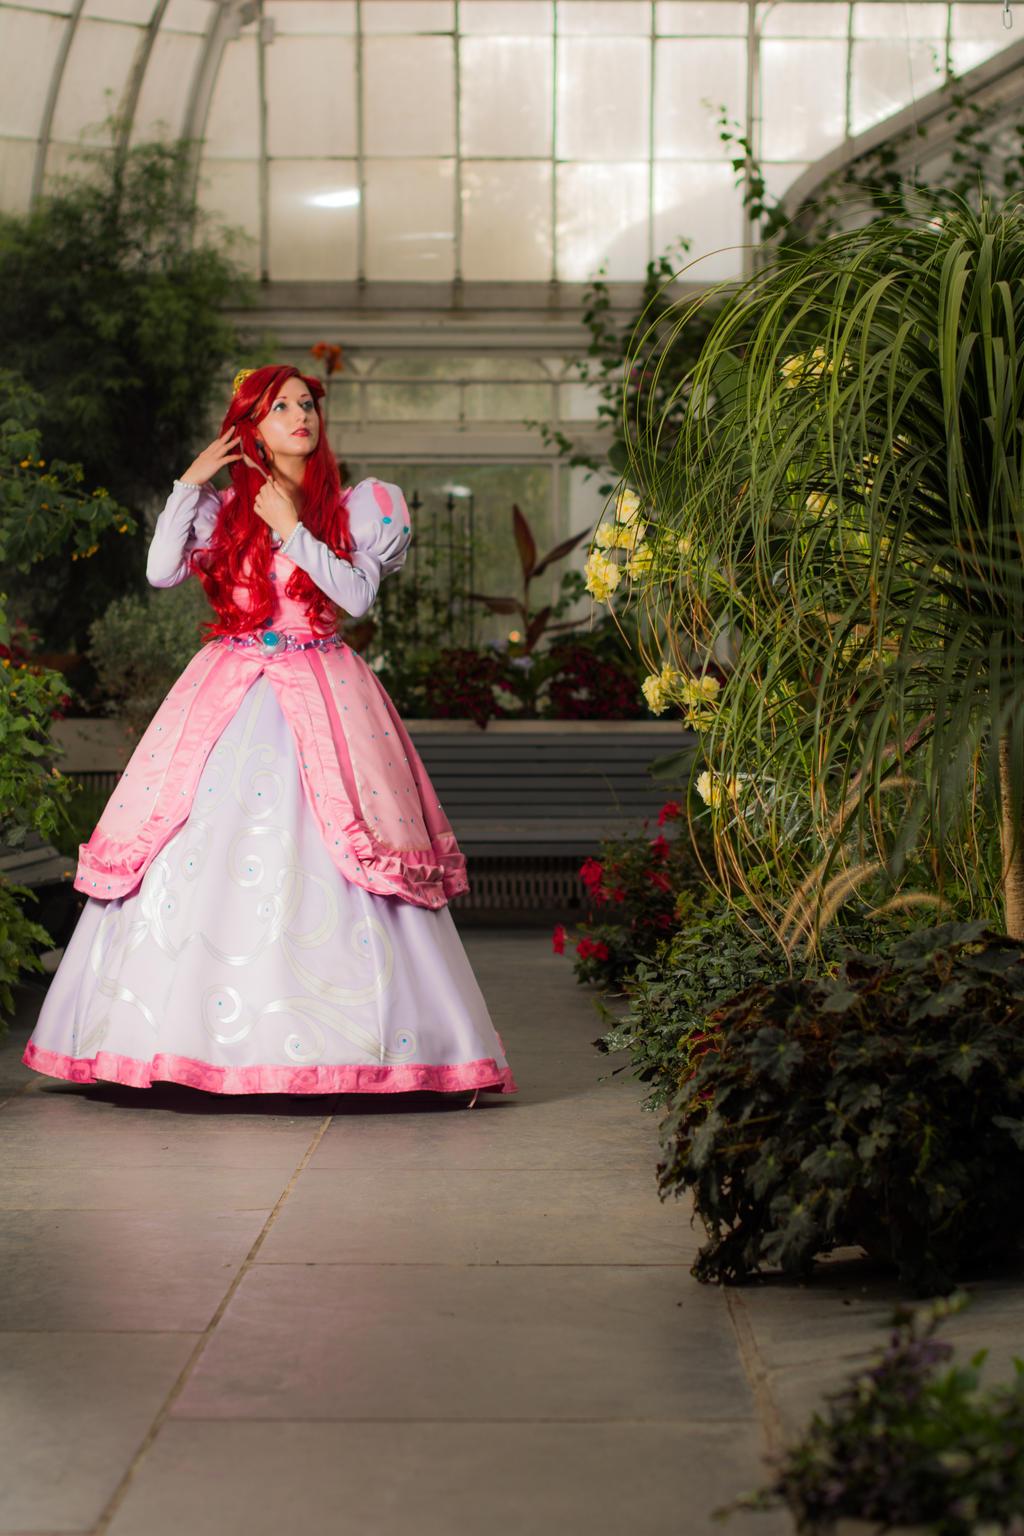 Ariel and her Dinglehopper -  A walk in the garden by LadyRoseTea